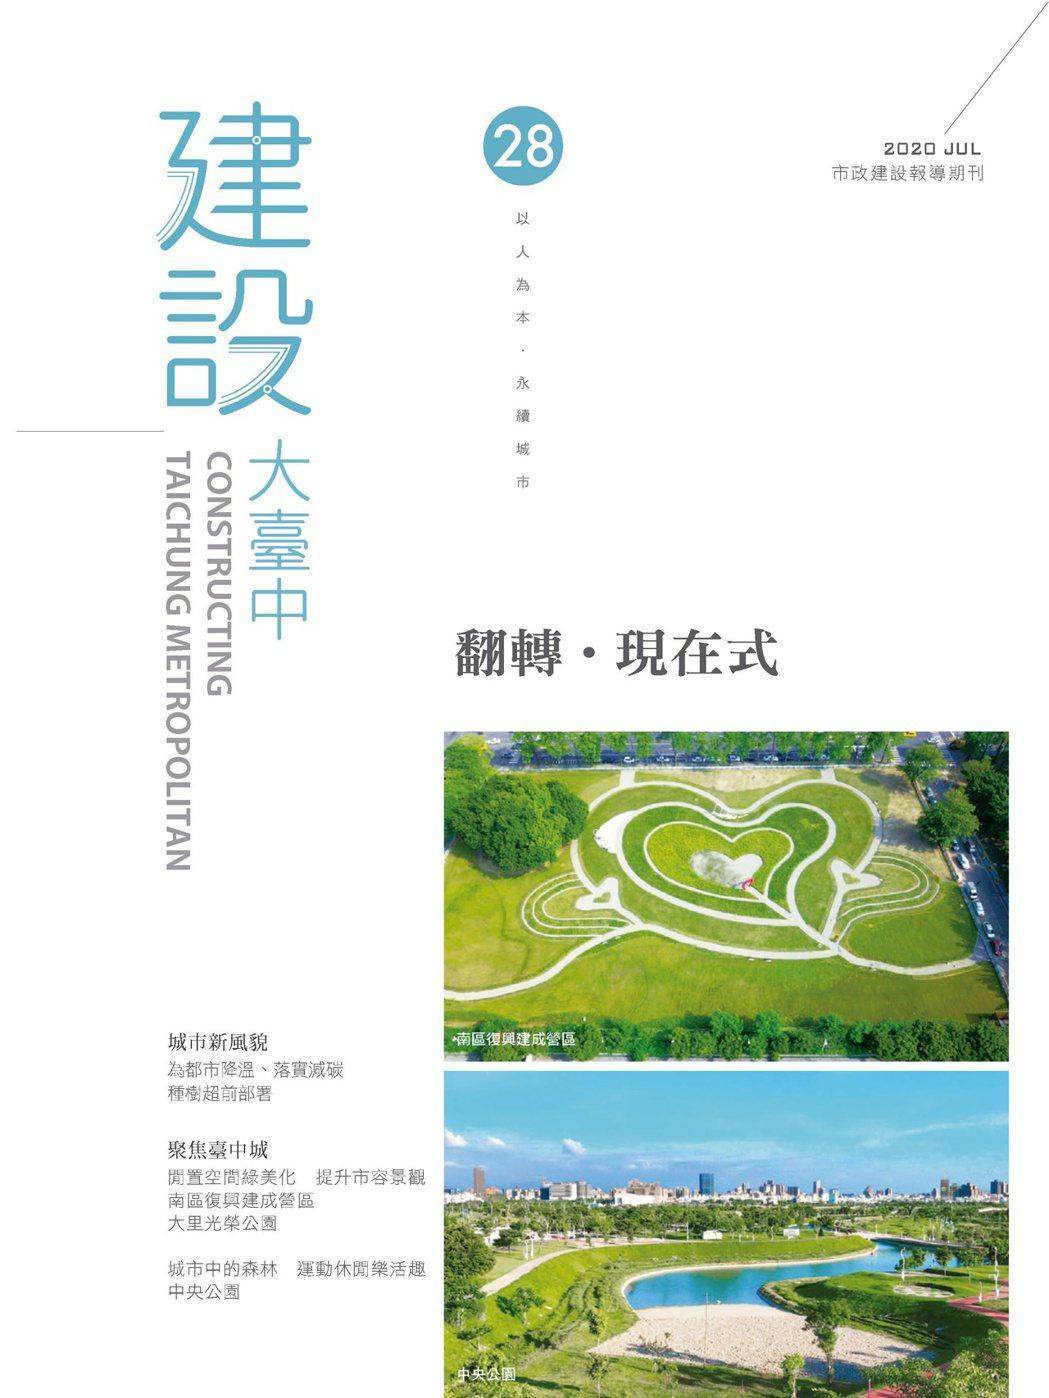 最新一期建設大臺中期刊。臺中市政府建設局/提供